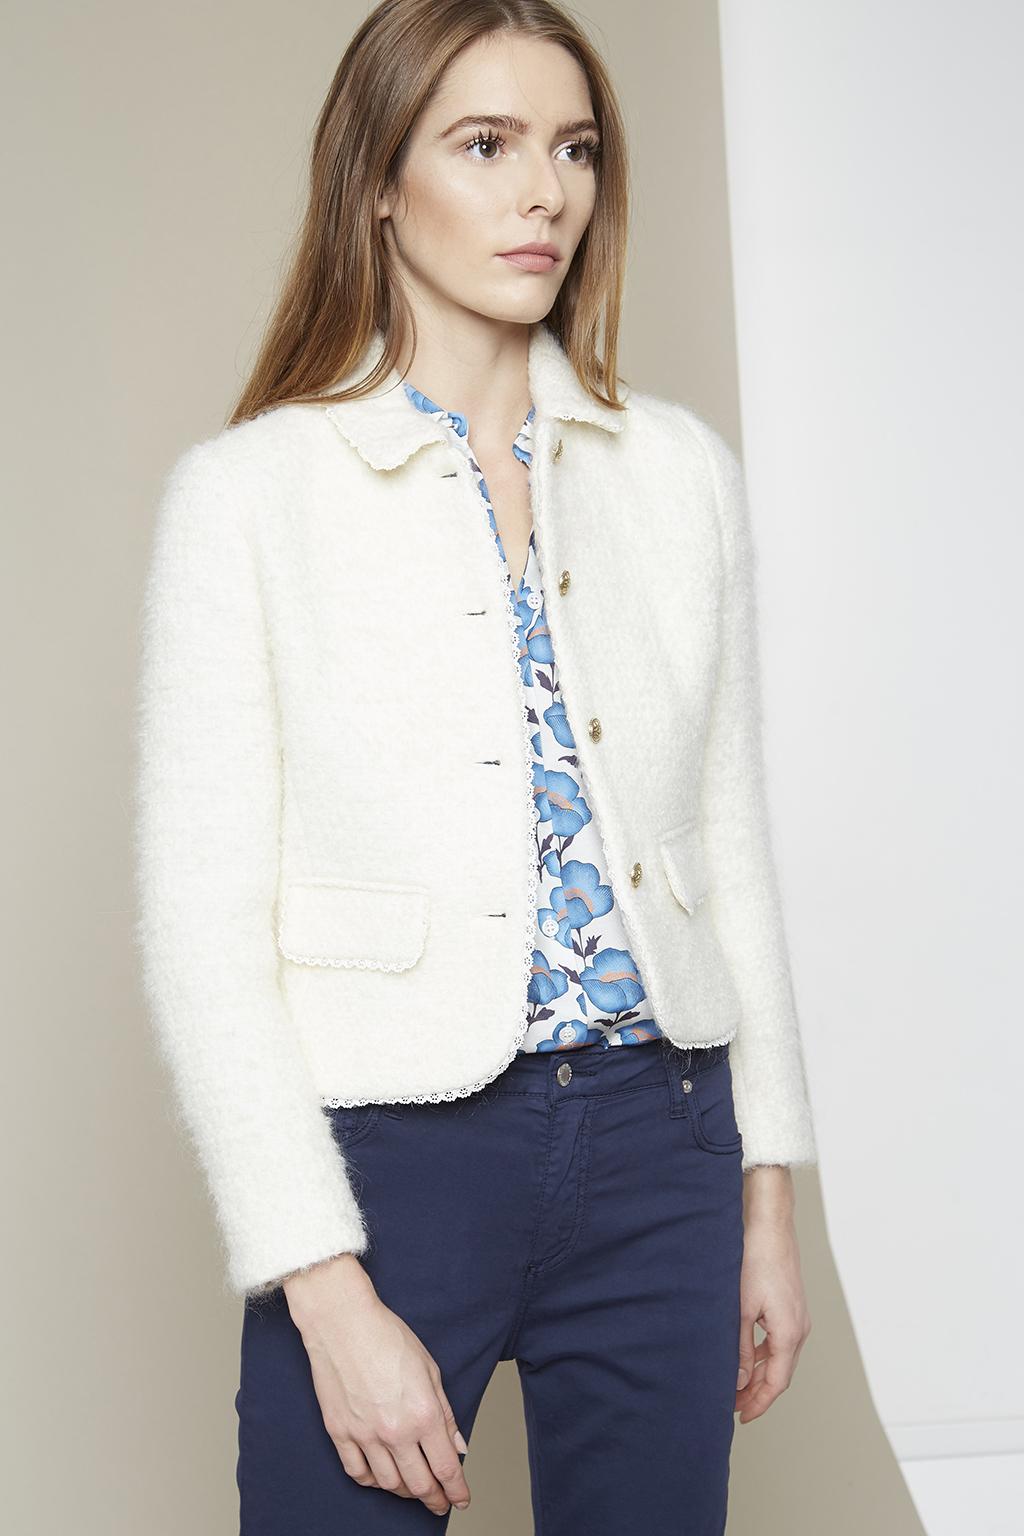 Vente privée Paul and Joe femme manteau blanc en laine